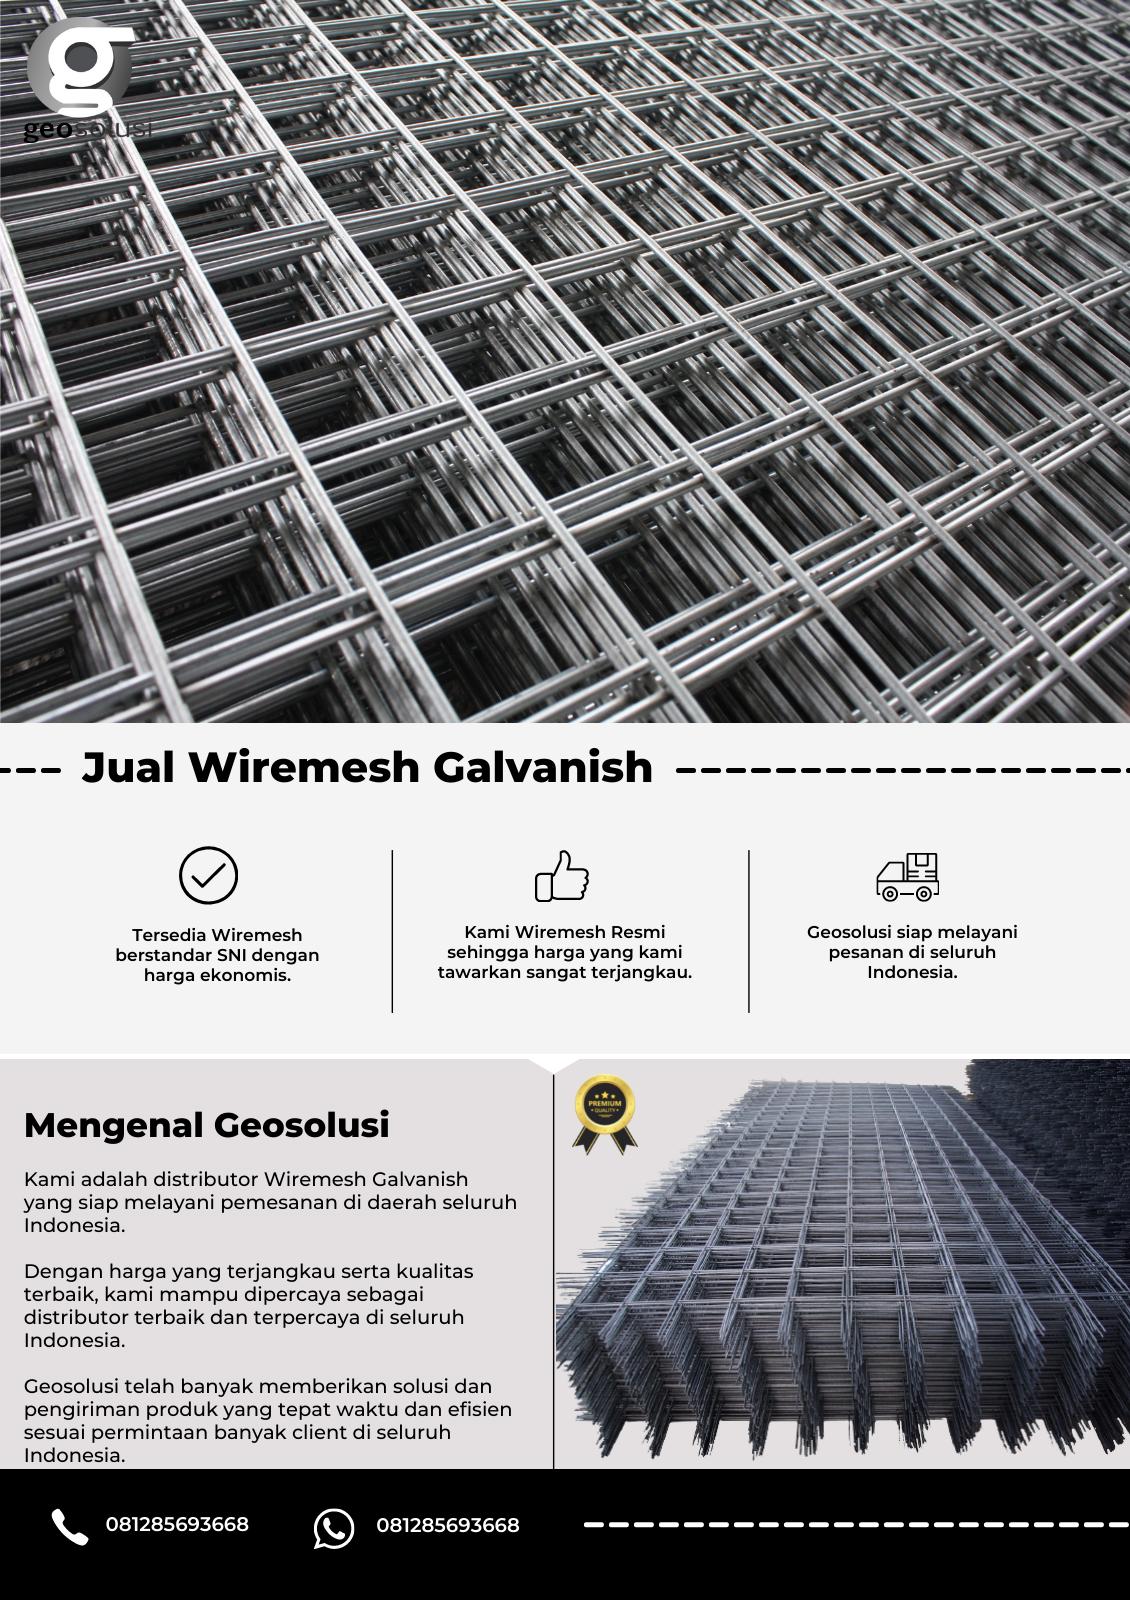 Jual Wiremesh Galvanish